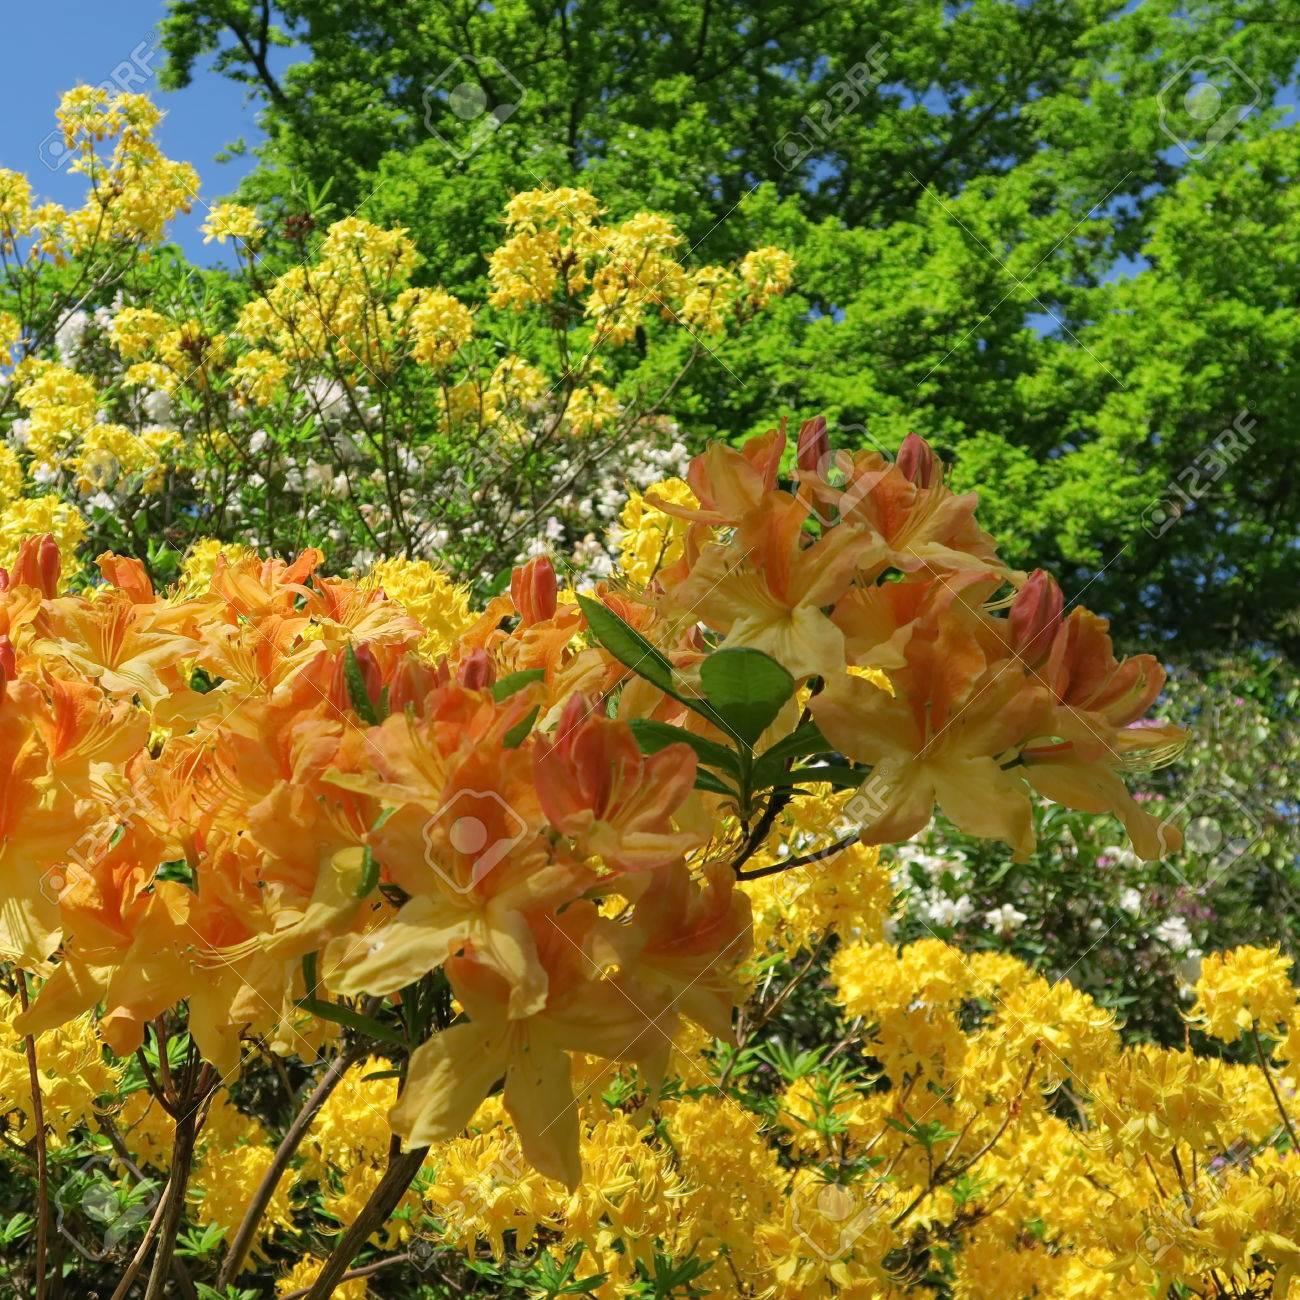 Bezaubernd Blumen Mai Ideen Von Standard-bild - Viele Bunte Blühen Im Von